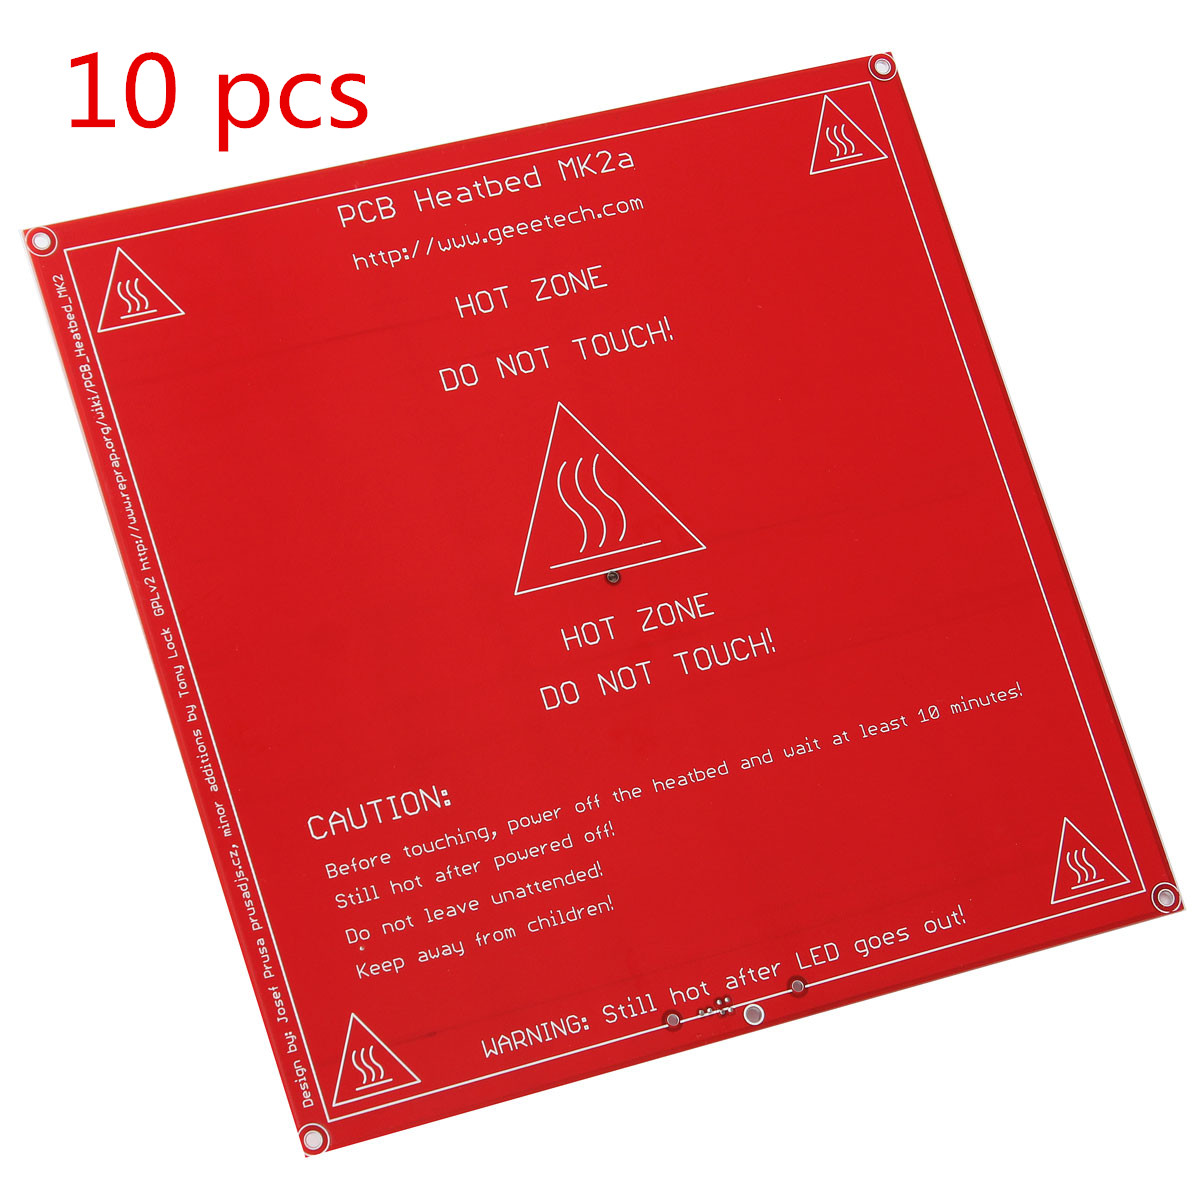 10PCS 3D Printer Support 12V 24V Red PCB Heated Heat bed heatbed MK2B Upgraded MK2A for Mendel for RepRap 10pcs 12v 24v red